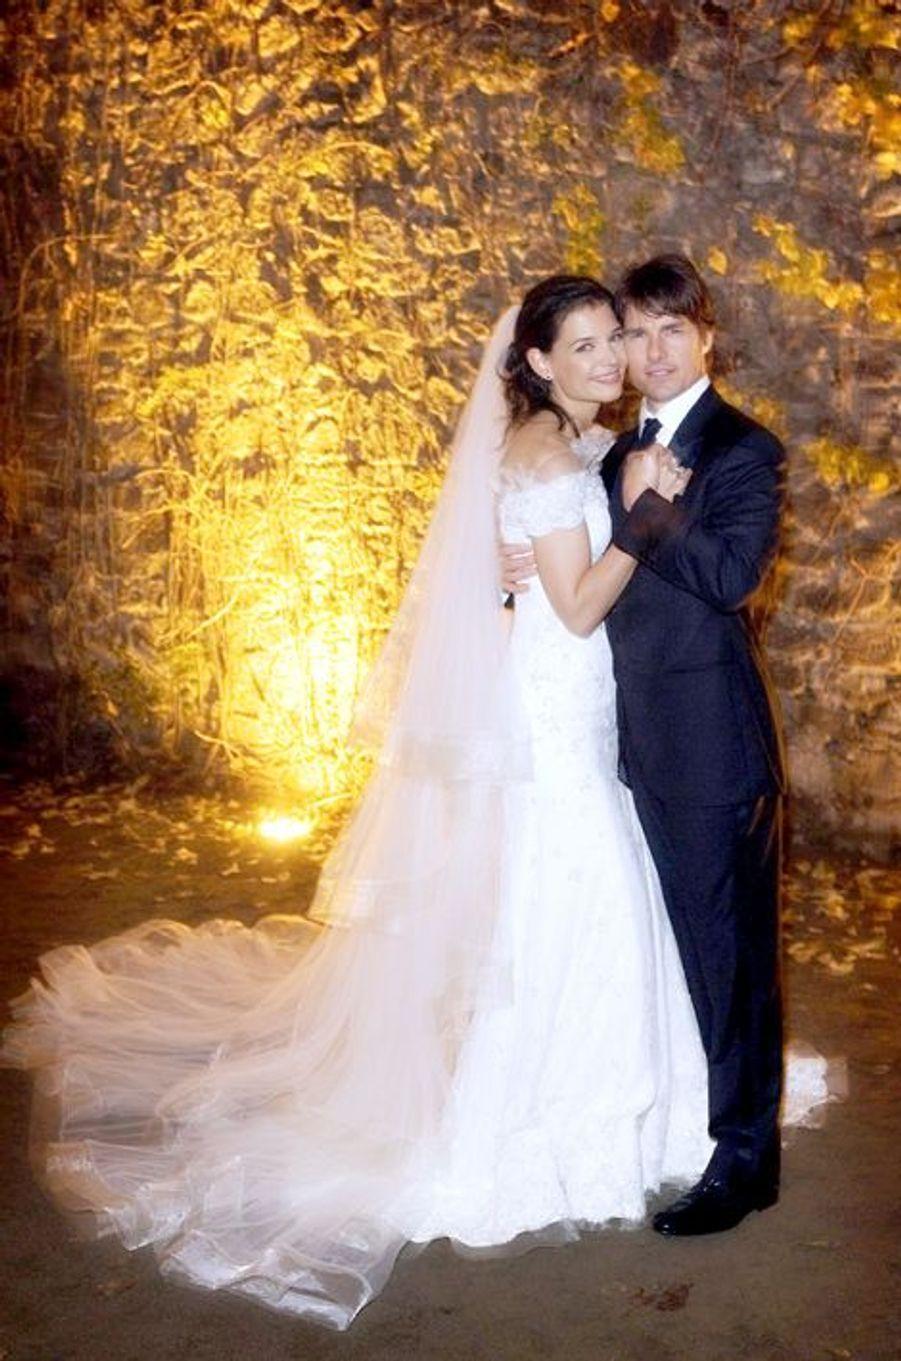 Katie Holmes et Tom Cruise, mariés le 18 novembre 2006